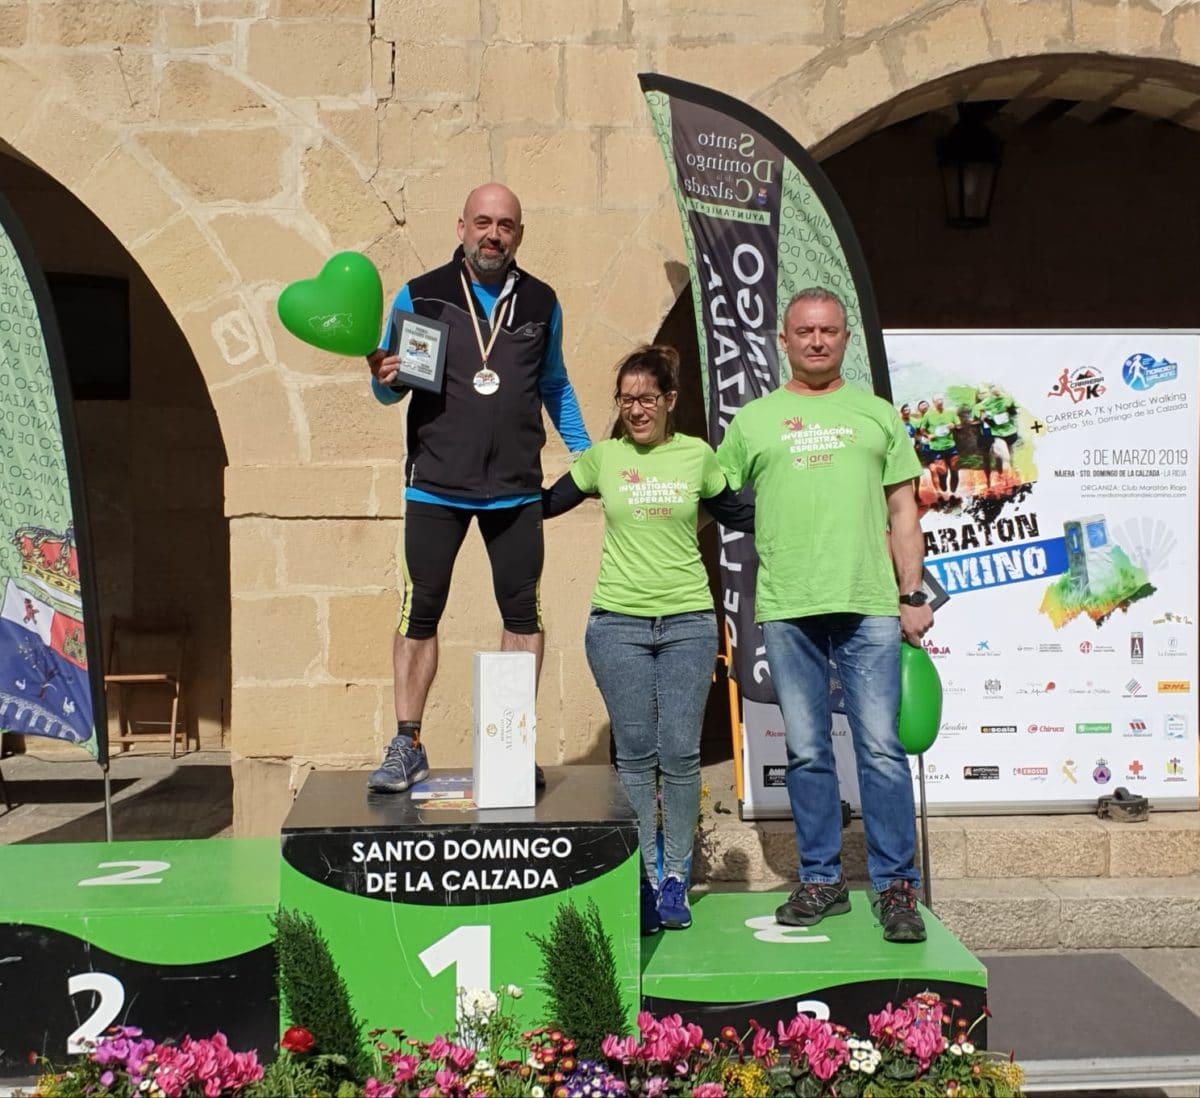 Ángel Martínez y Ane Zabala, vencedores de la XIII Media Maratón del Camino 3